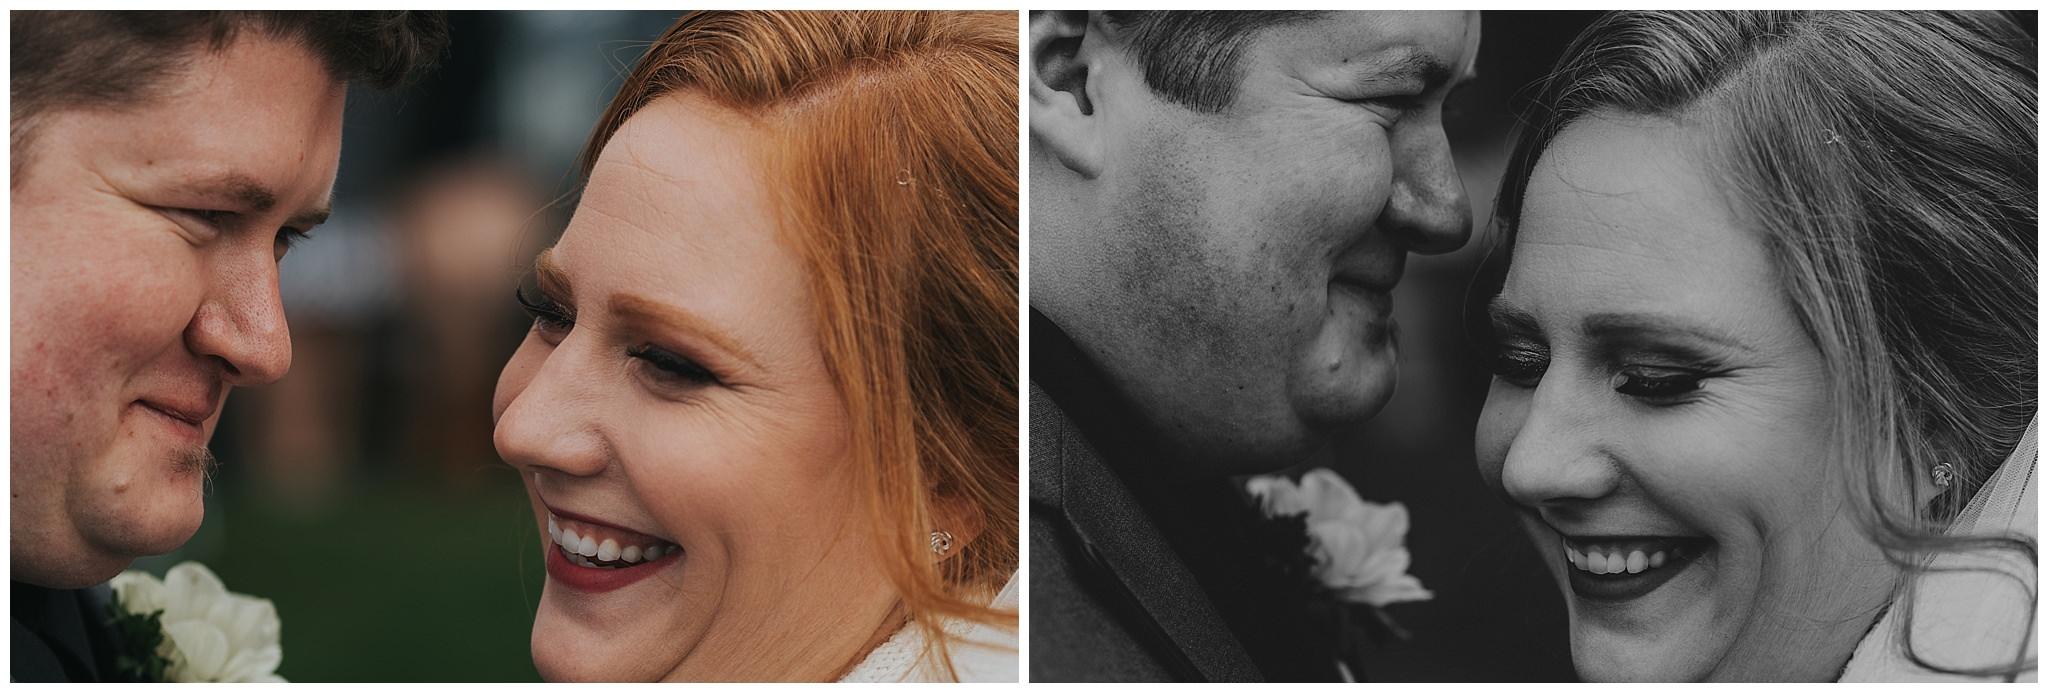 seattleweddingphotography39.jpg